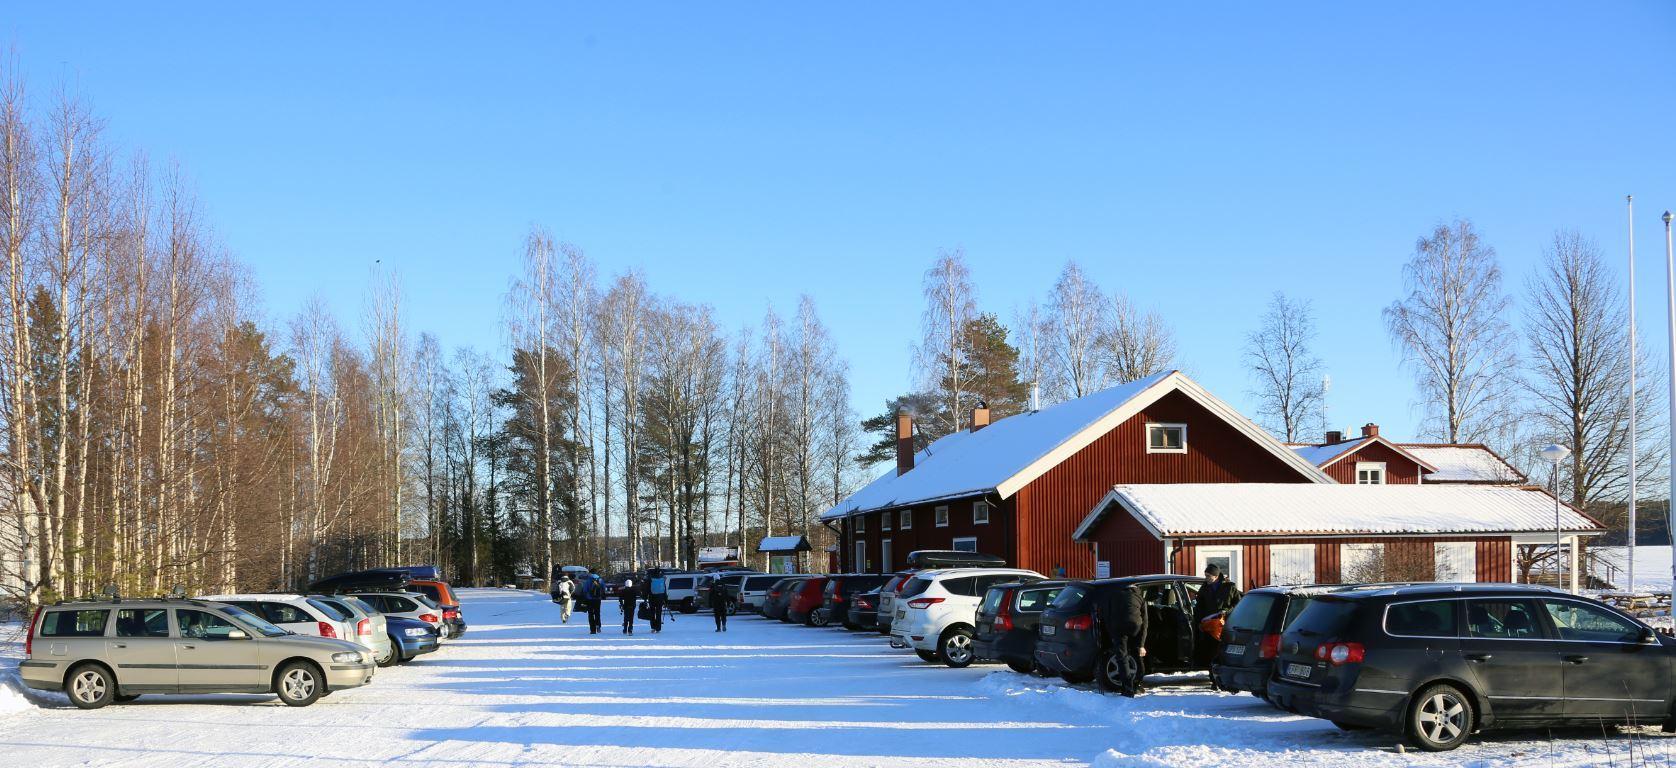 Mårten Edberg, Vintercafé på Sundlingska Gården